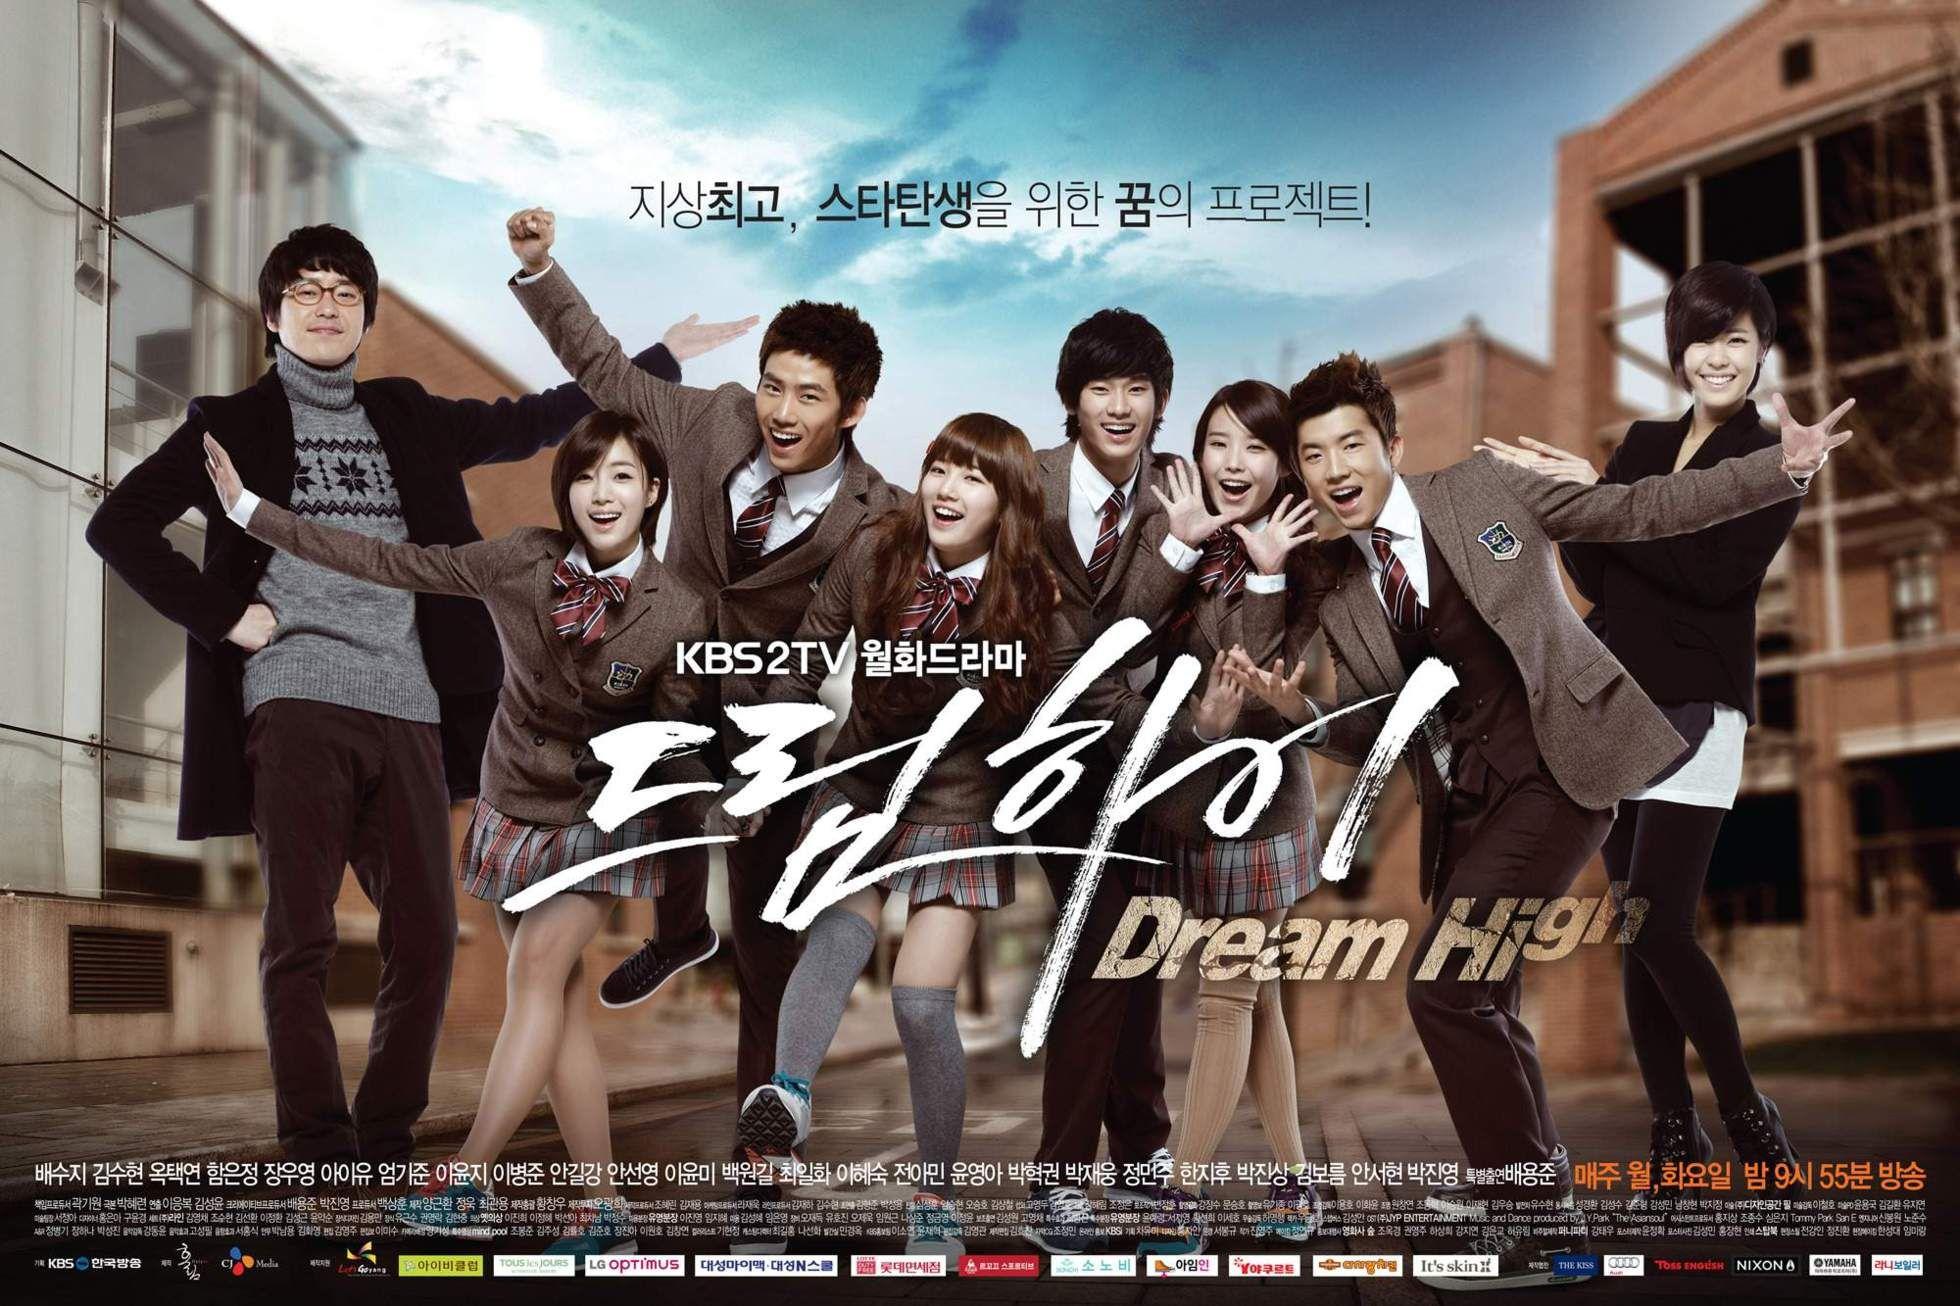 Xuất hiện trên sóng YANTV vào 11h30 Thứ 7 – Chủ Nhật hàng tuần sẽ là bộ phim âm nhạc từng gây bão Dream High với dàn sao trẻ Hàn Quốc như Kim Soo Hyun, Suzy (Miss A), IU, Taecyeon và Woo Young (2PM), Eun Jung (T-ara). Mang sắc màu trẻ trung và tính nhân văn cao đẹp, Dream High đề cao niềm đam mê cháy bỏng của các bạn trẻ đối với âm nhạc và hành trình vượt qua khó khăn, thử thách để đạt đến ước mơ của bản thân mình.